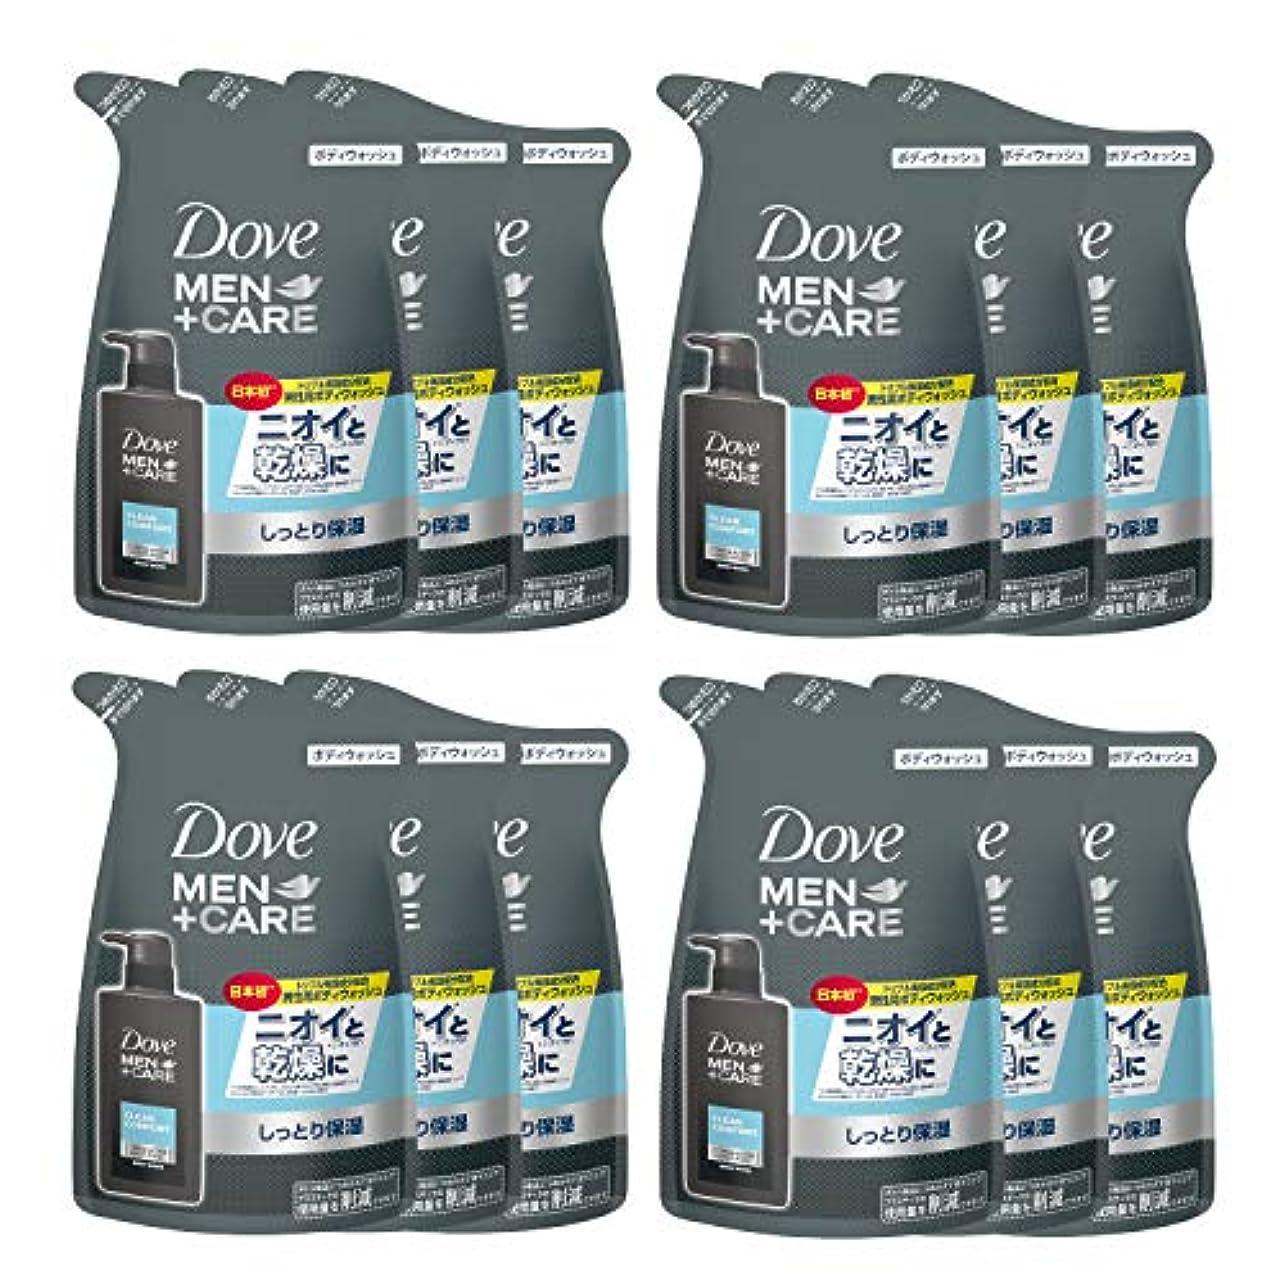 高さフェザー熟考するDove(ダヴ) 【ケース販売】 ダヴメン+ケア ボディウォッシュ クリーンコンフォート つめかえ用 ボディソープ シトラスフローラル 320g×12個